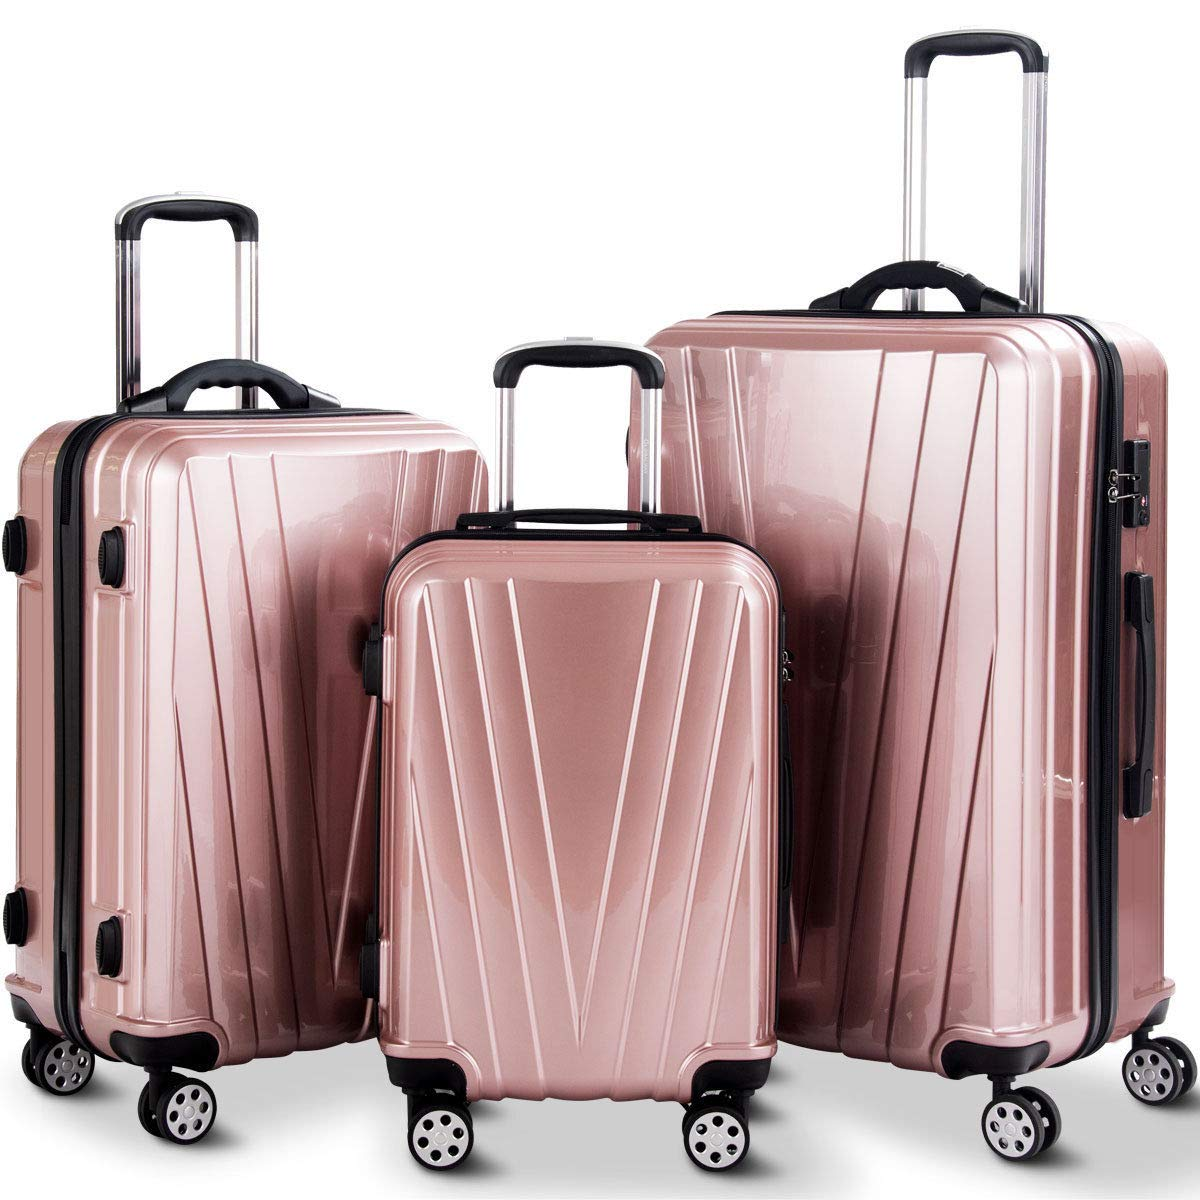 e0e7160d790b Goplus 3PCS Luggage Set Expandable Travel Suitcase Hardside Carryon Luggage  Set w/TSA Lock, Weighting Handle (20/24/28) (Pink)